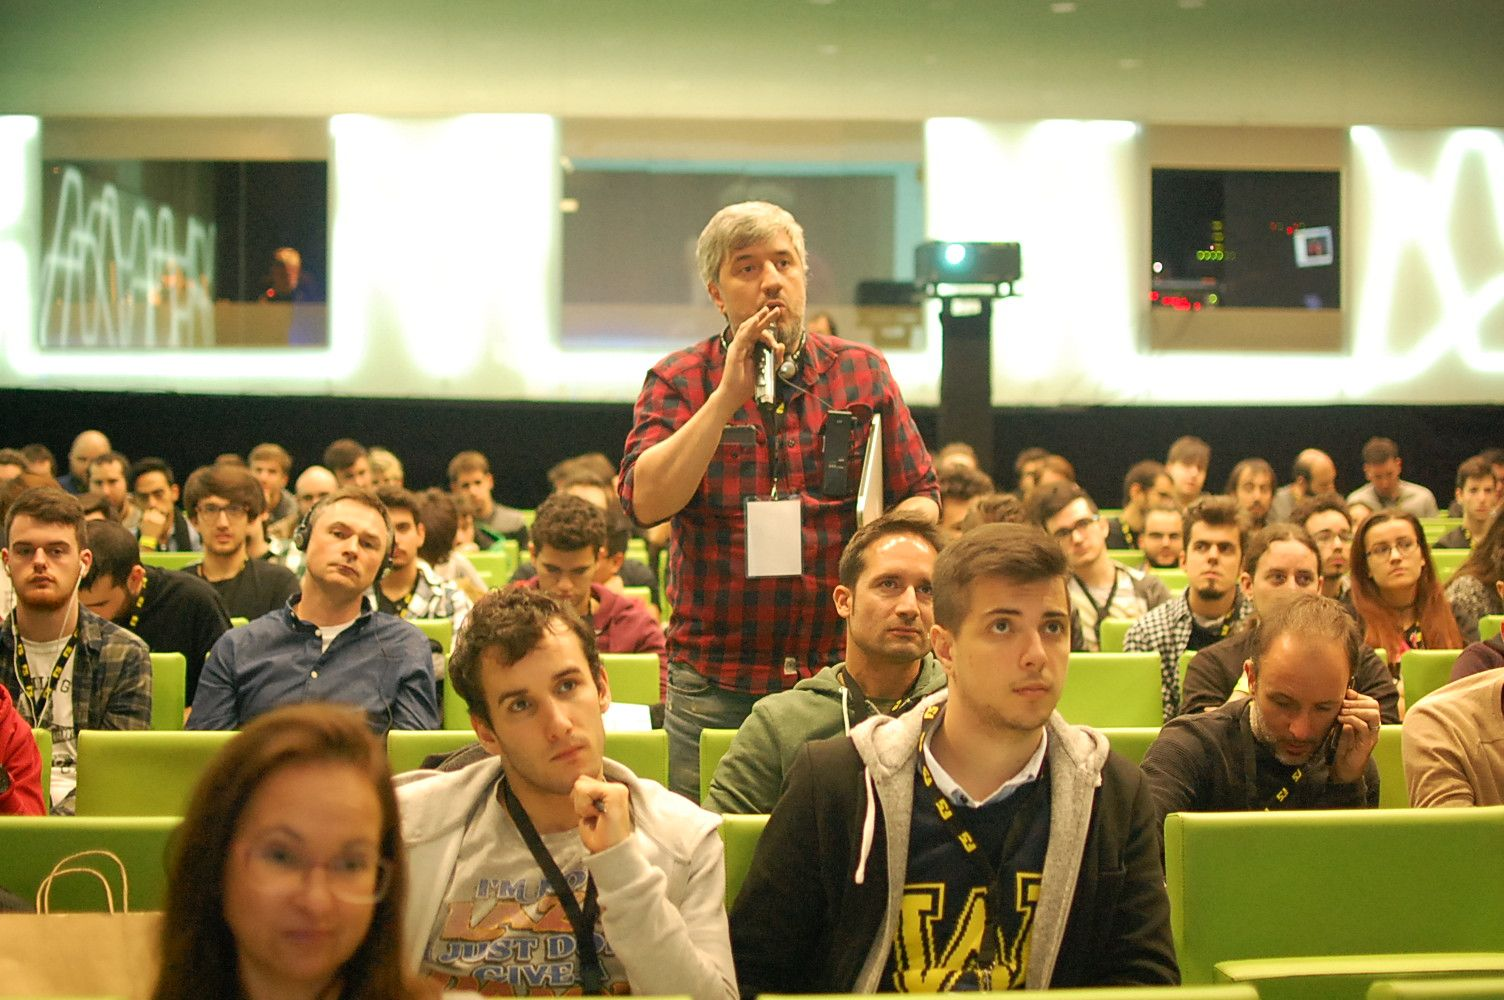 Los desarrolladores independientes de videojuegos tienen su lugar en el festival Fun & Serious de Bilbao